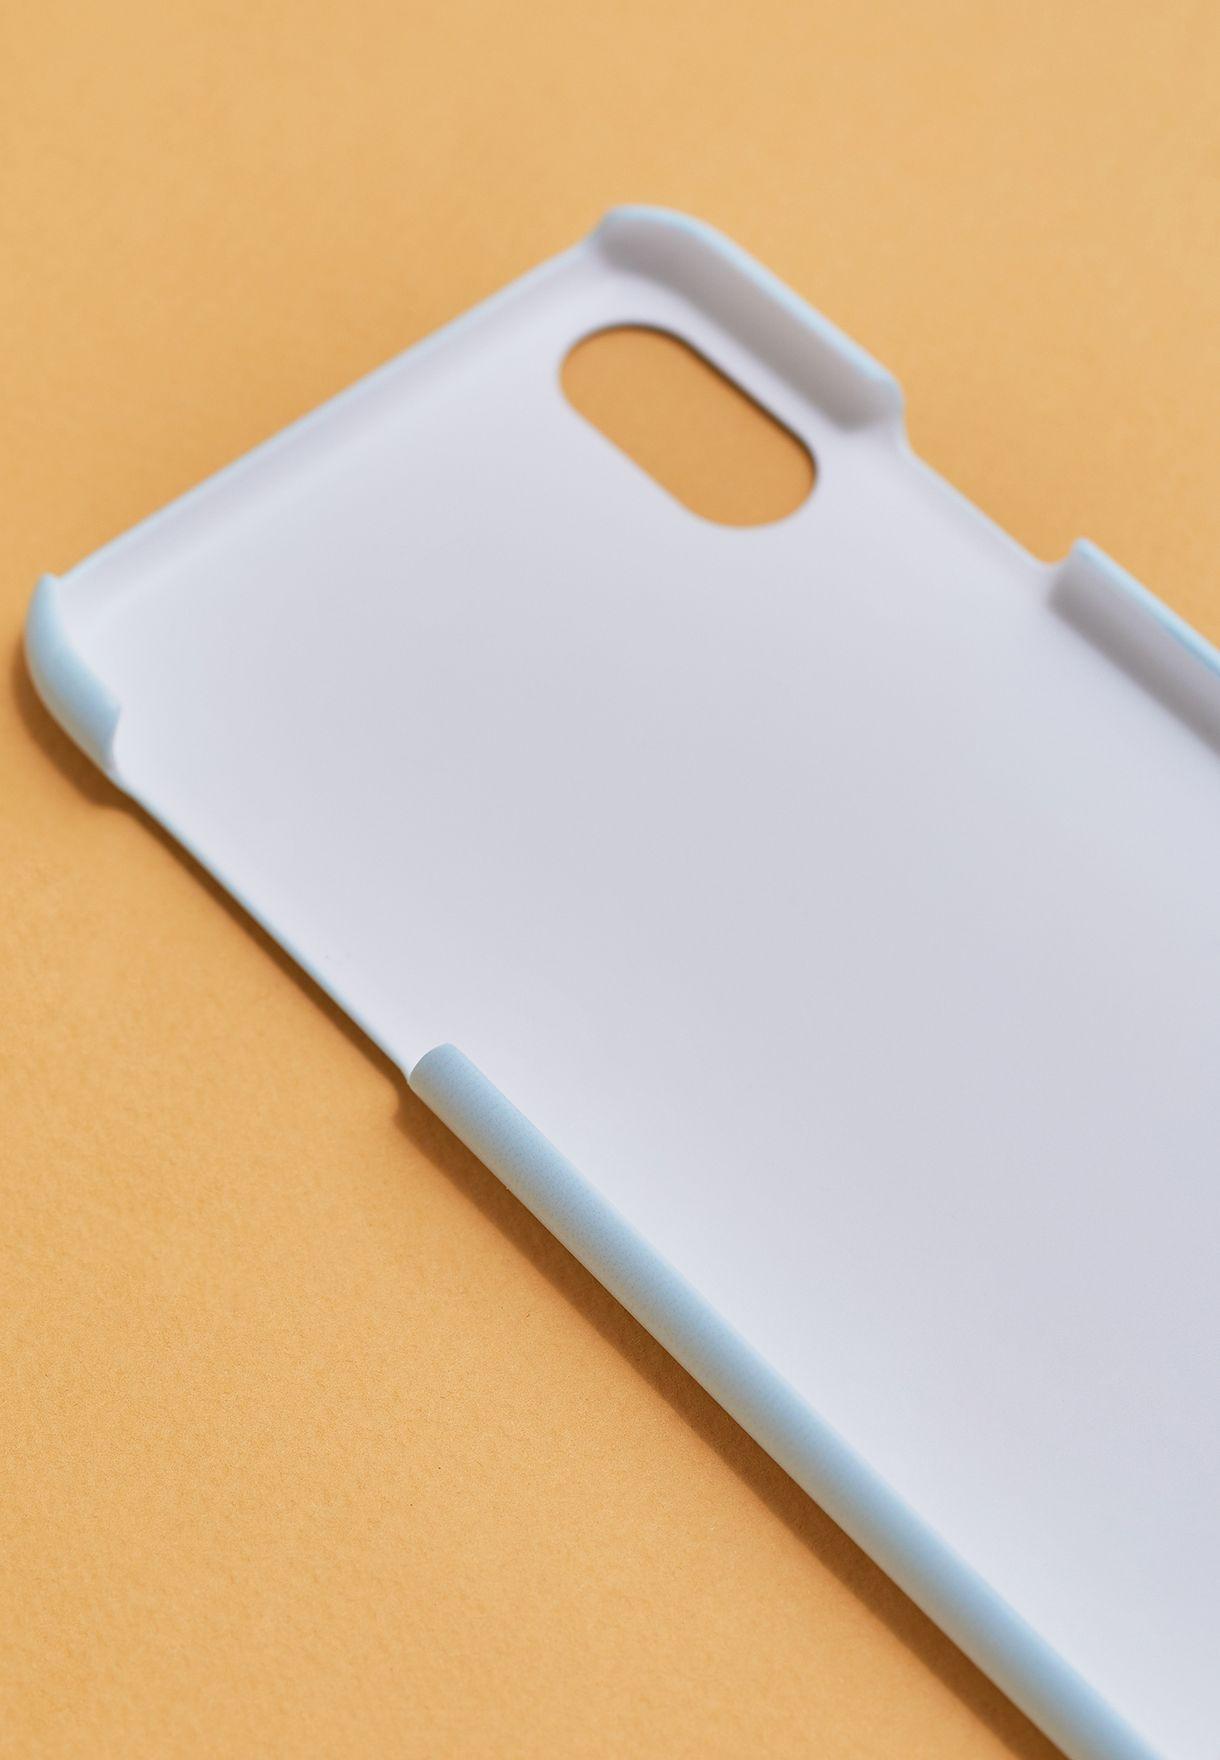 غطاء حماية لهاتف آيفون  - متعدد المقاسات